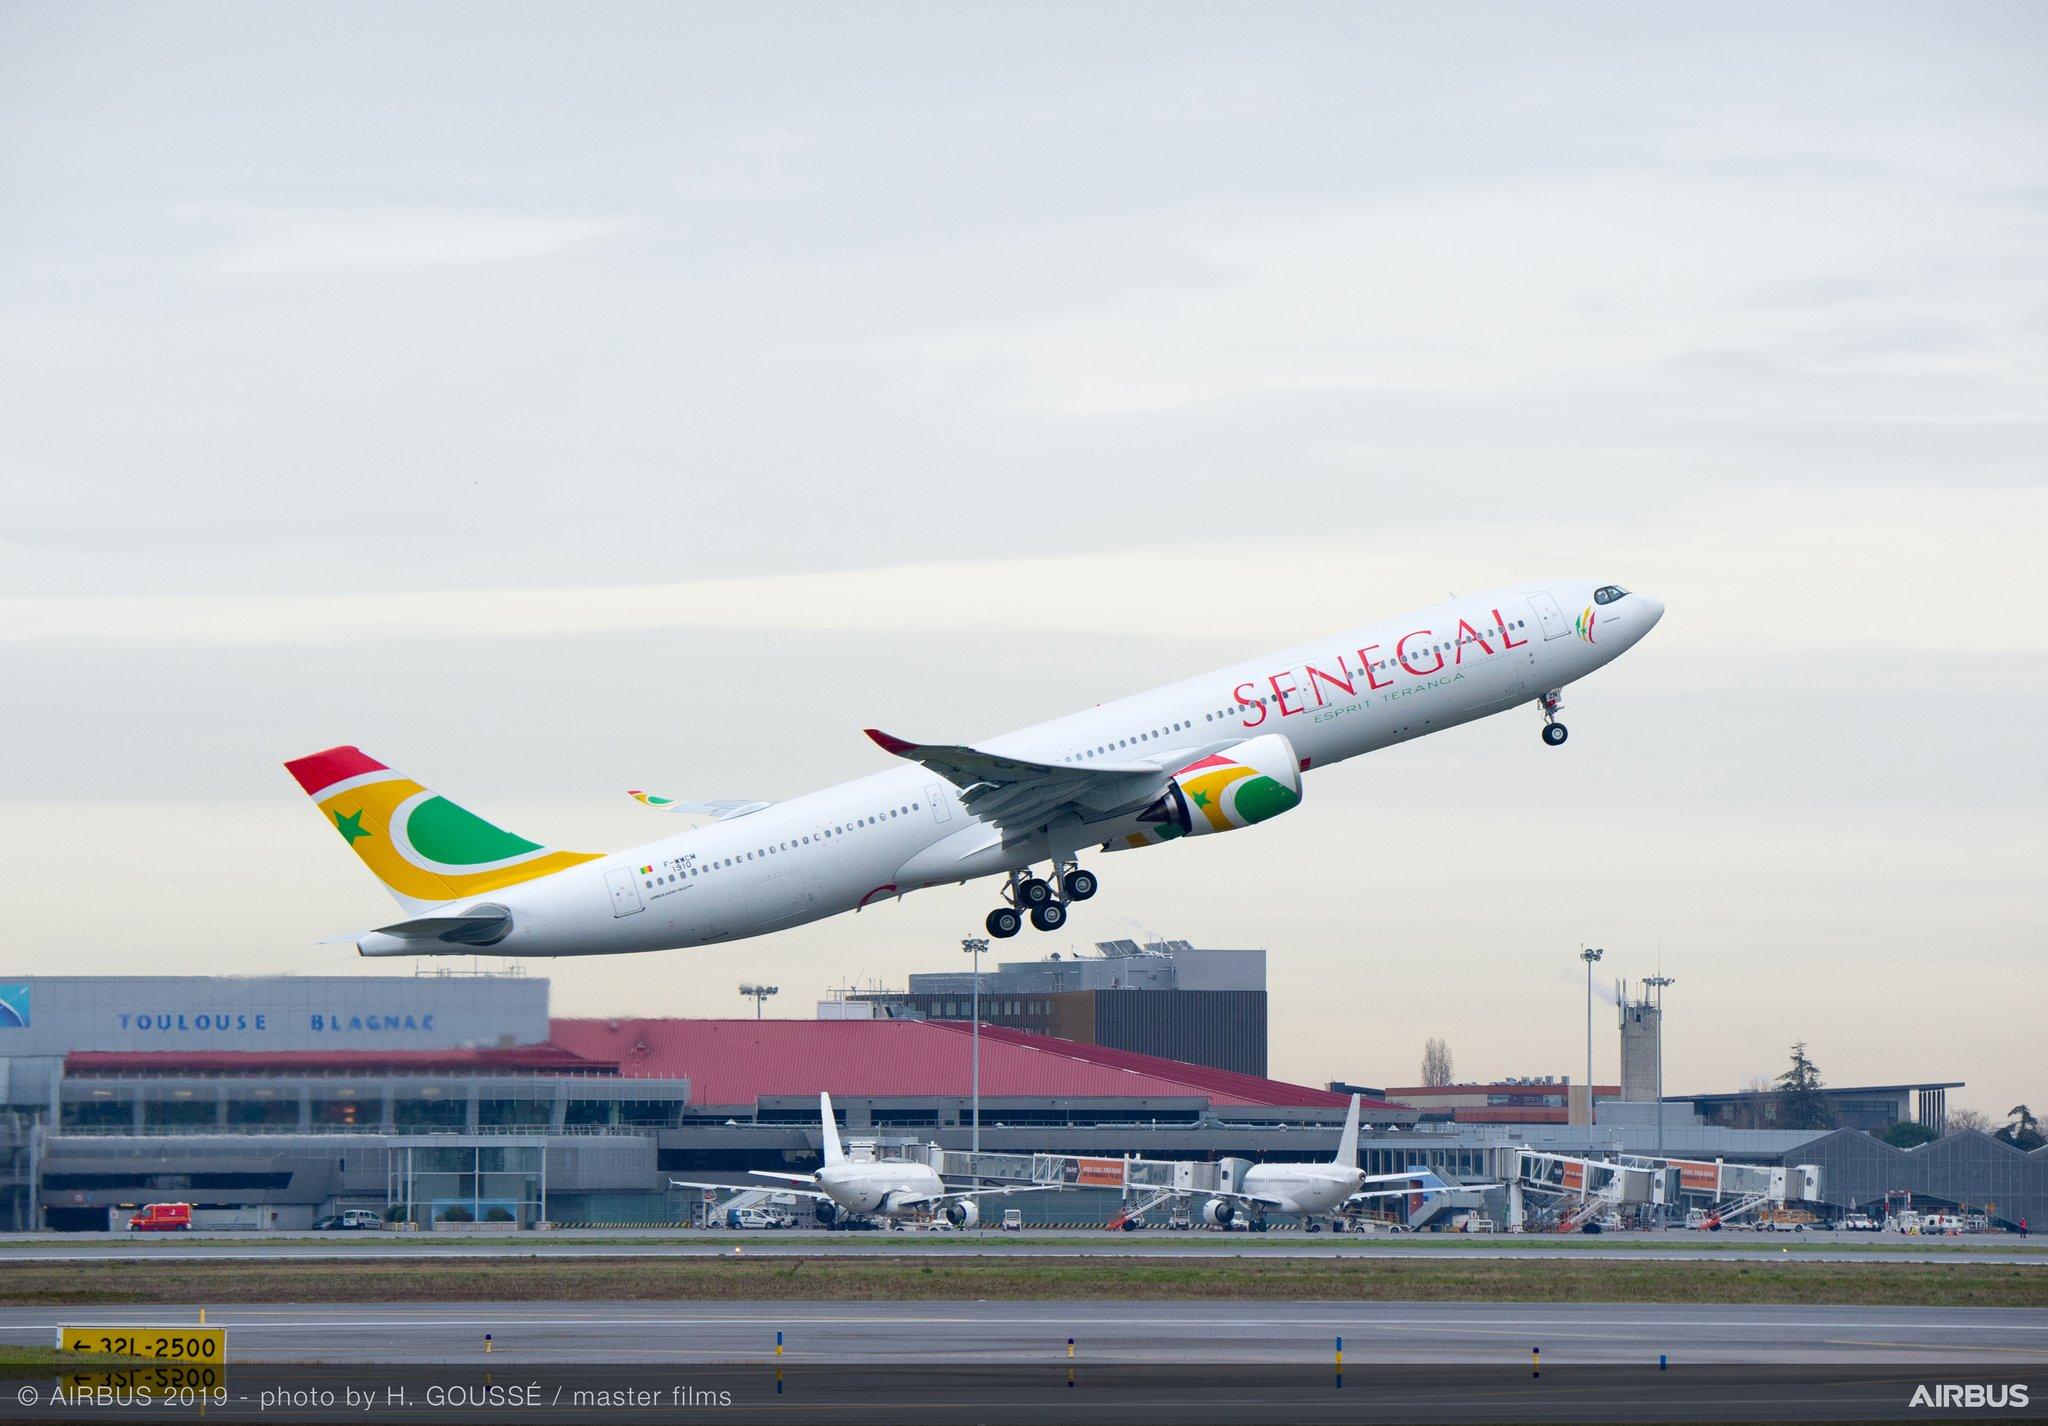 L'A330neo d'Air Sénégal au décollage de Toulouse Blagnac © Airbus H Goussé / Master Film